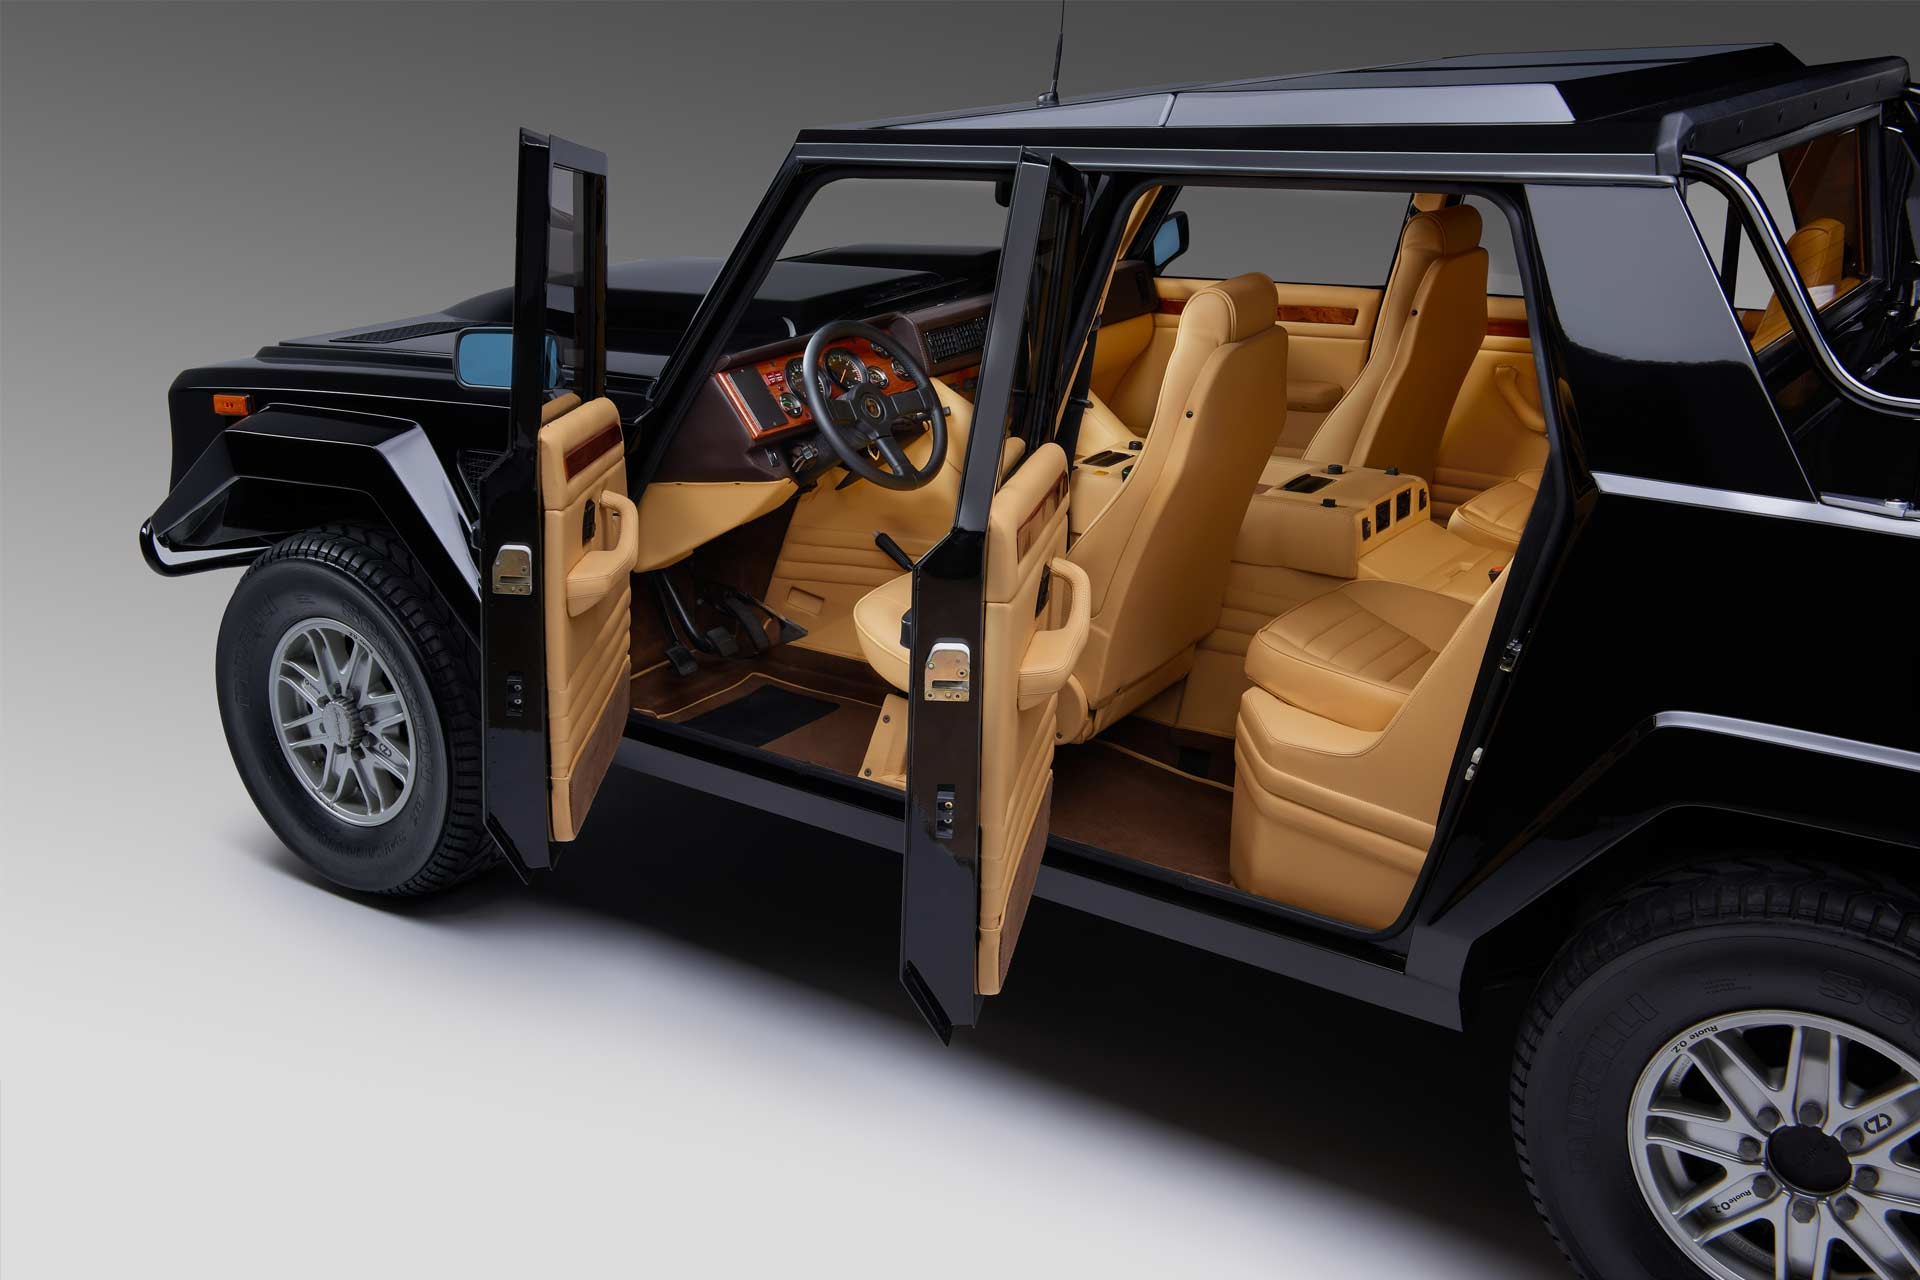 Lamborghini-first-SUV-LM002-interior_2